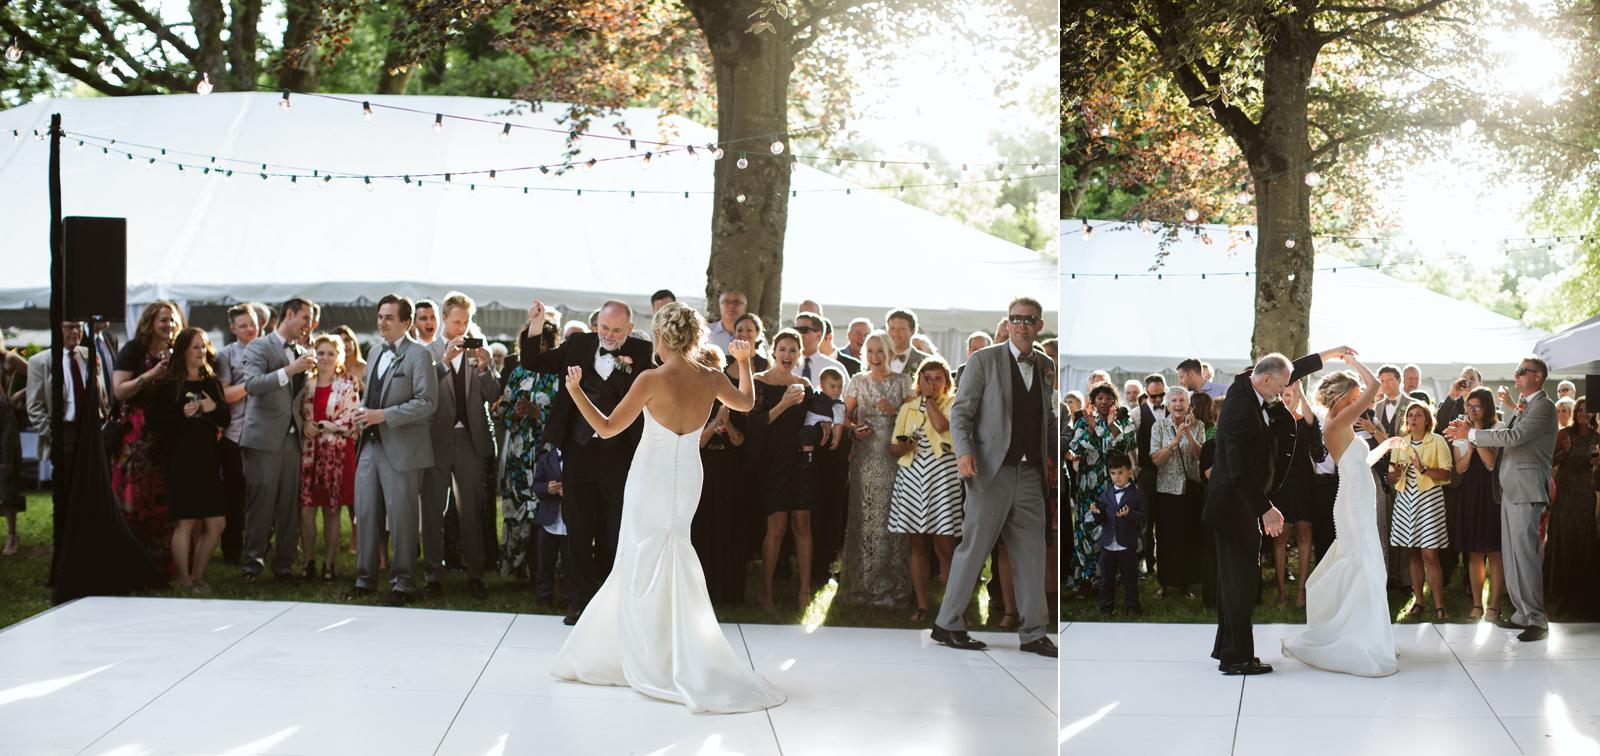 146-daronjackson-gabby-alec-wedding.jpg